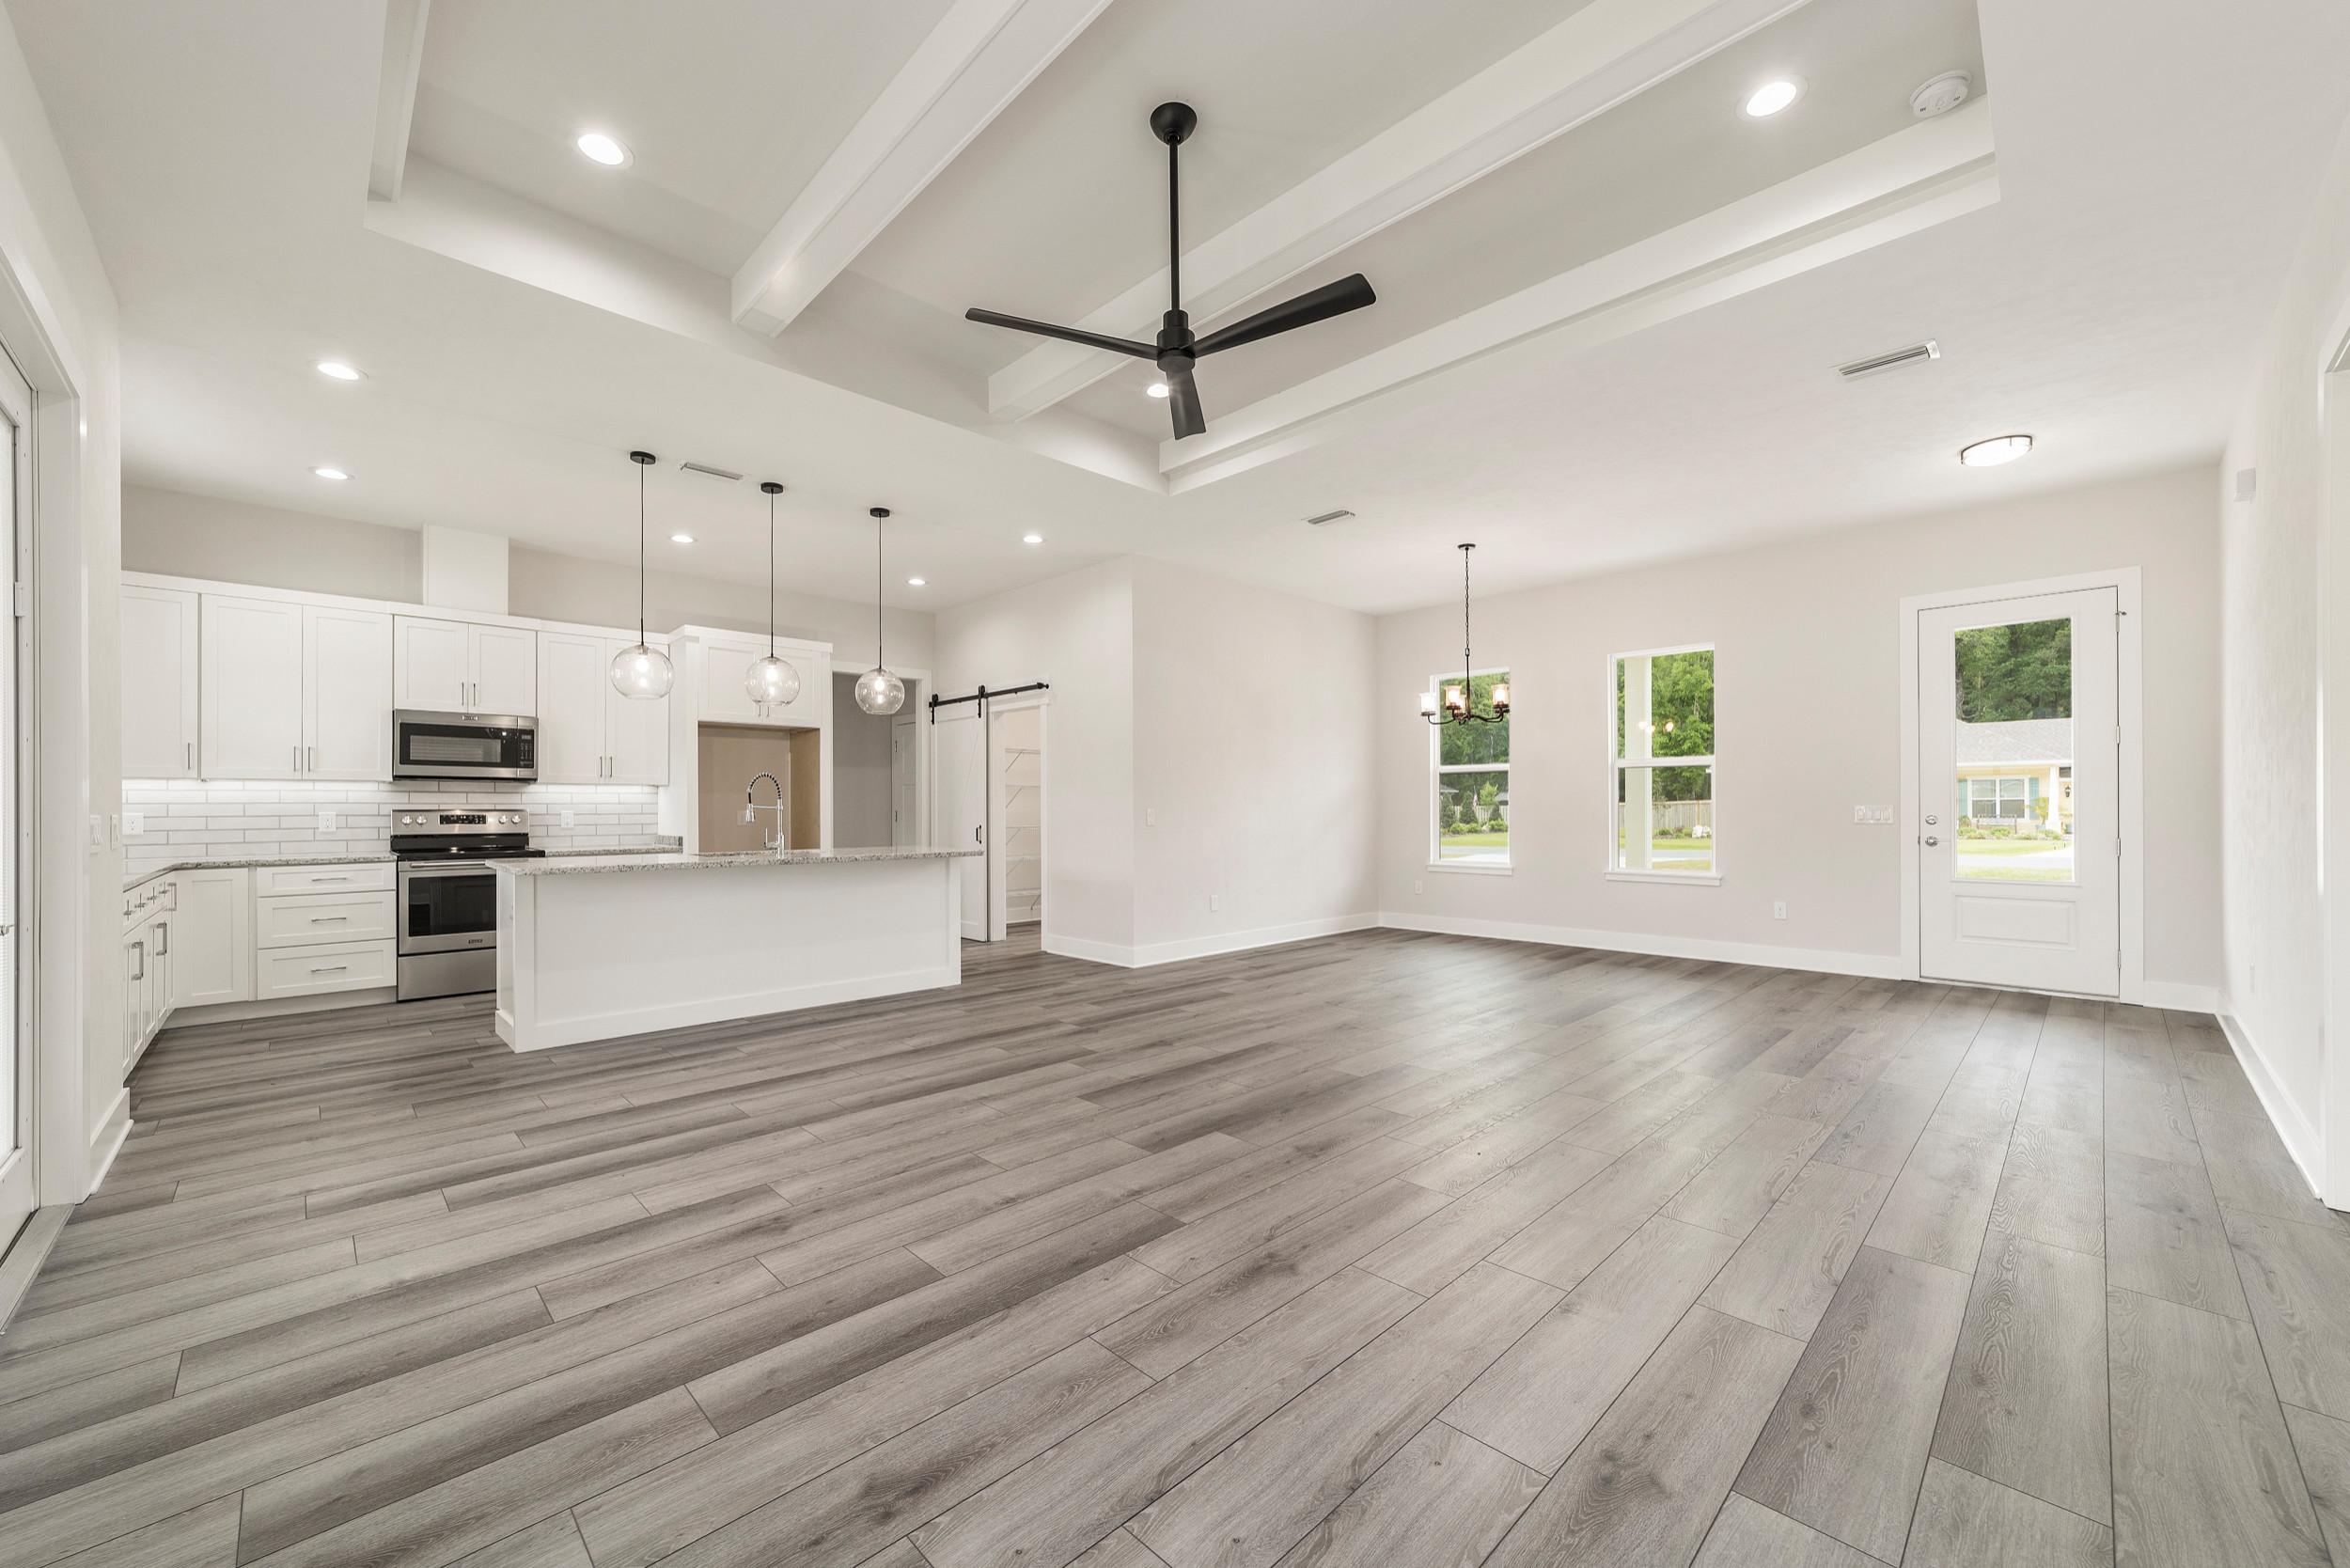 New Home - The Oakmont Model - 1,853